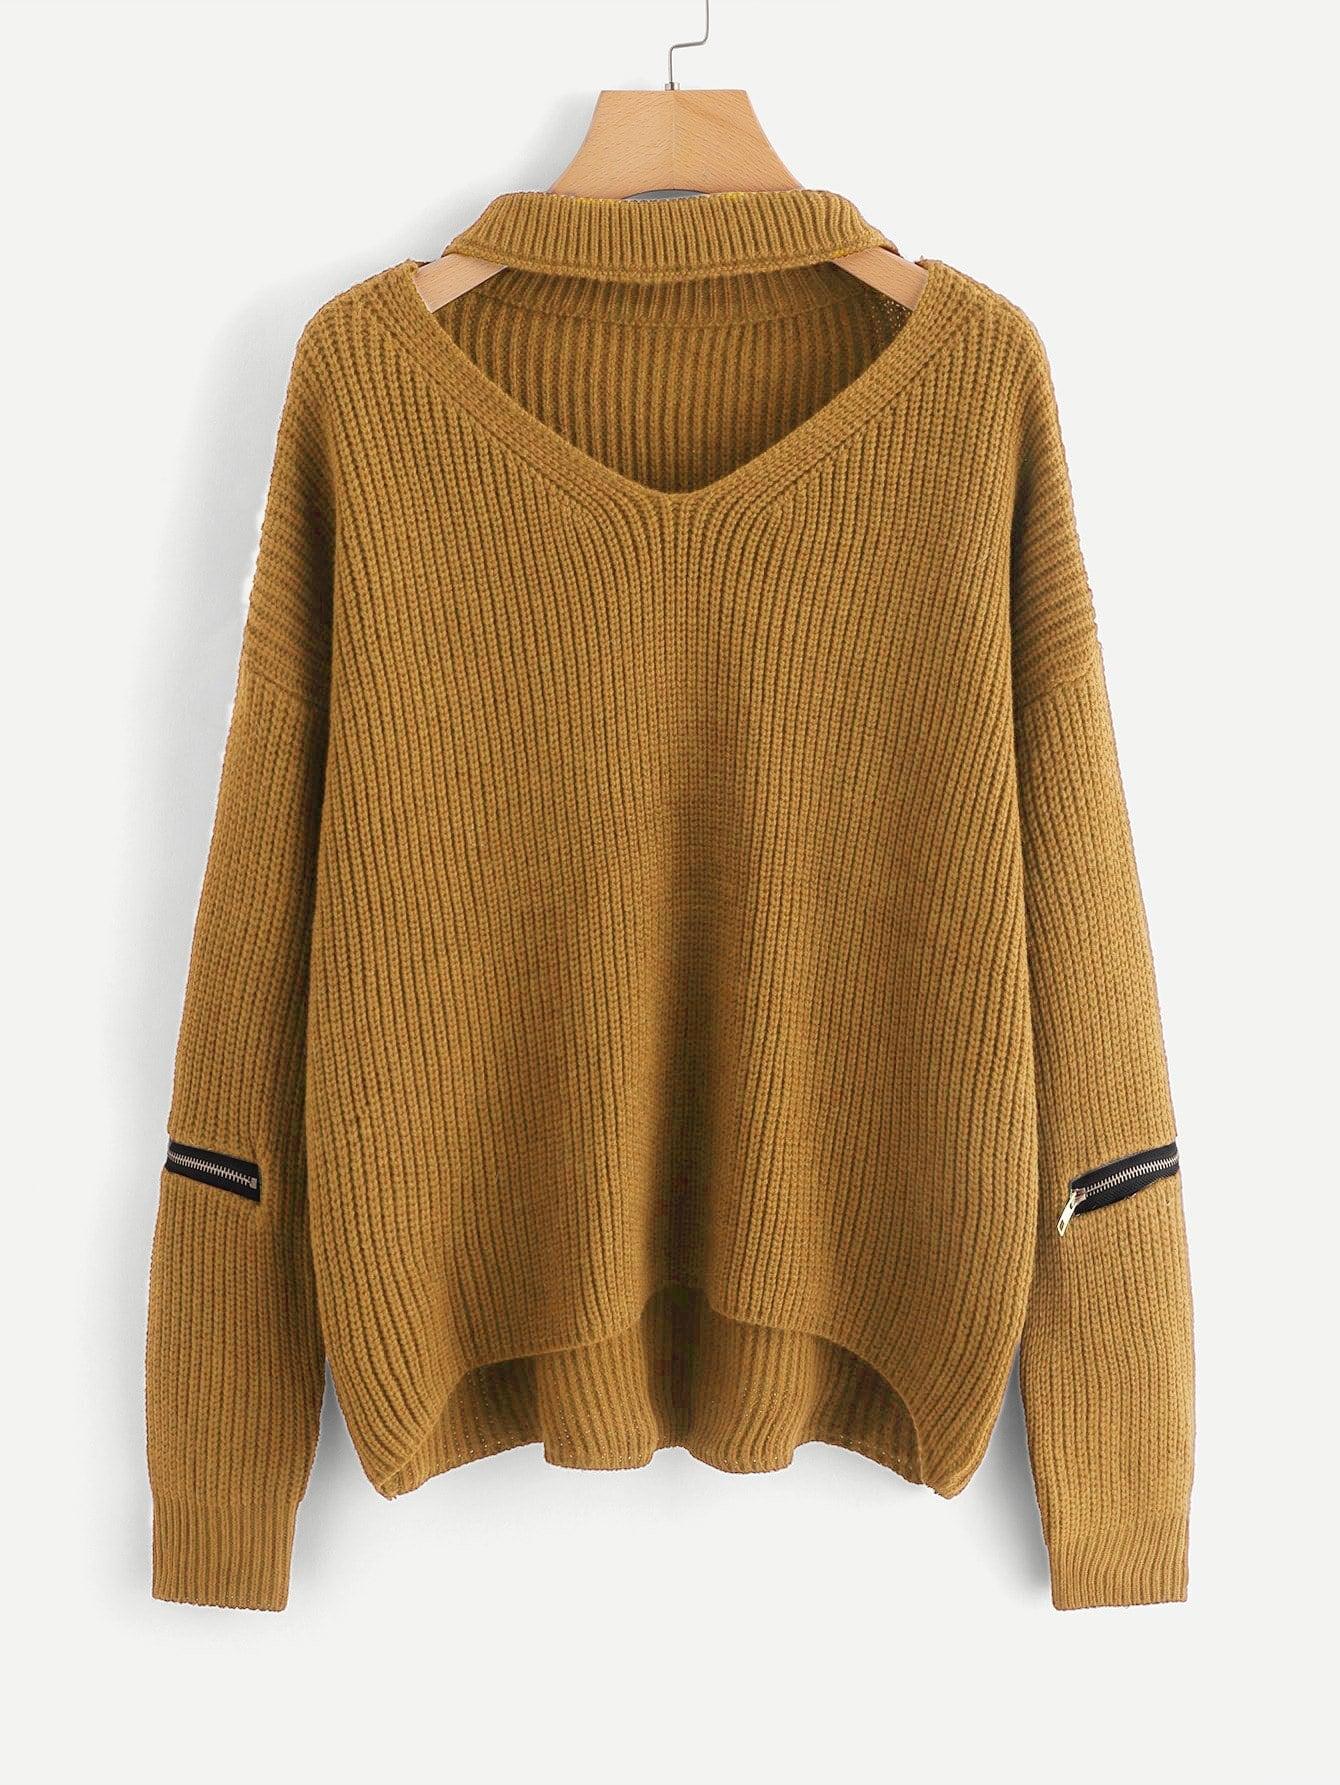 Купить Плюс размеры колье на шею свитер с асимметричным низом, null, SheIn